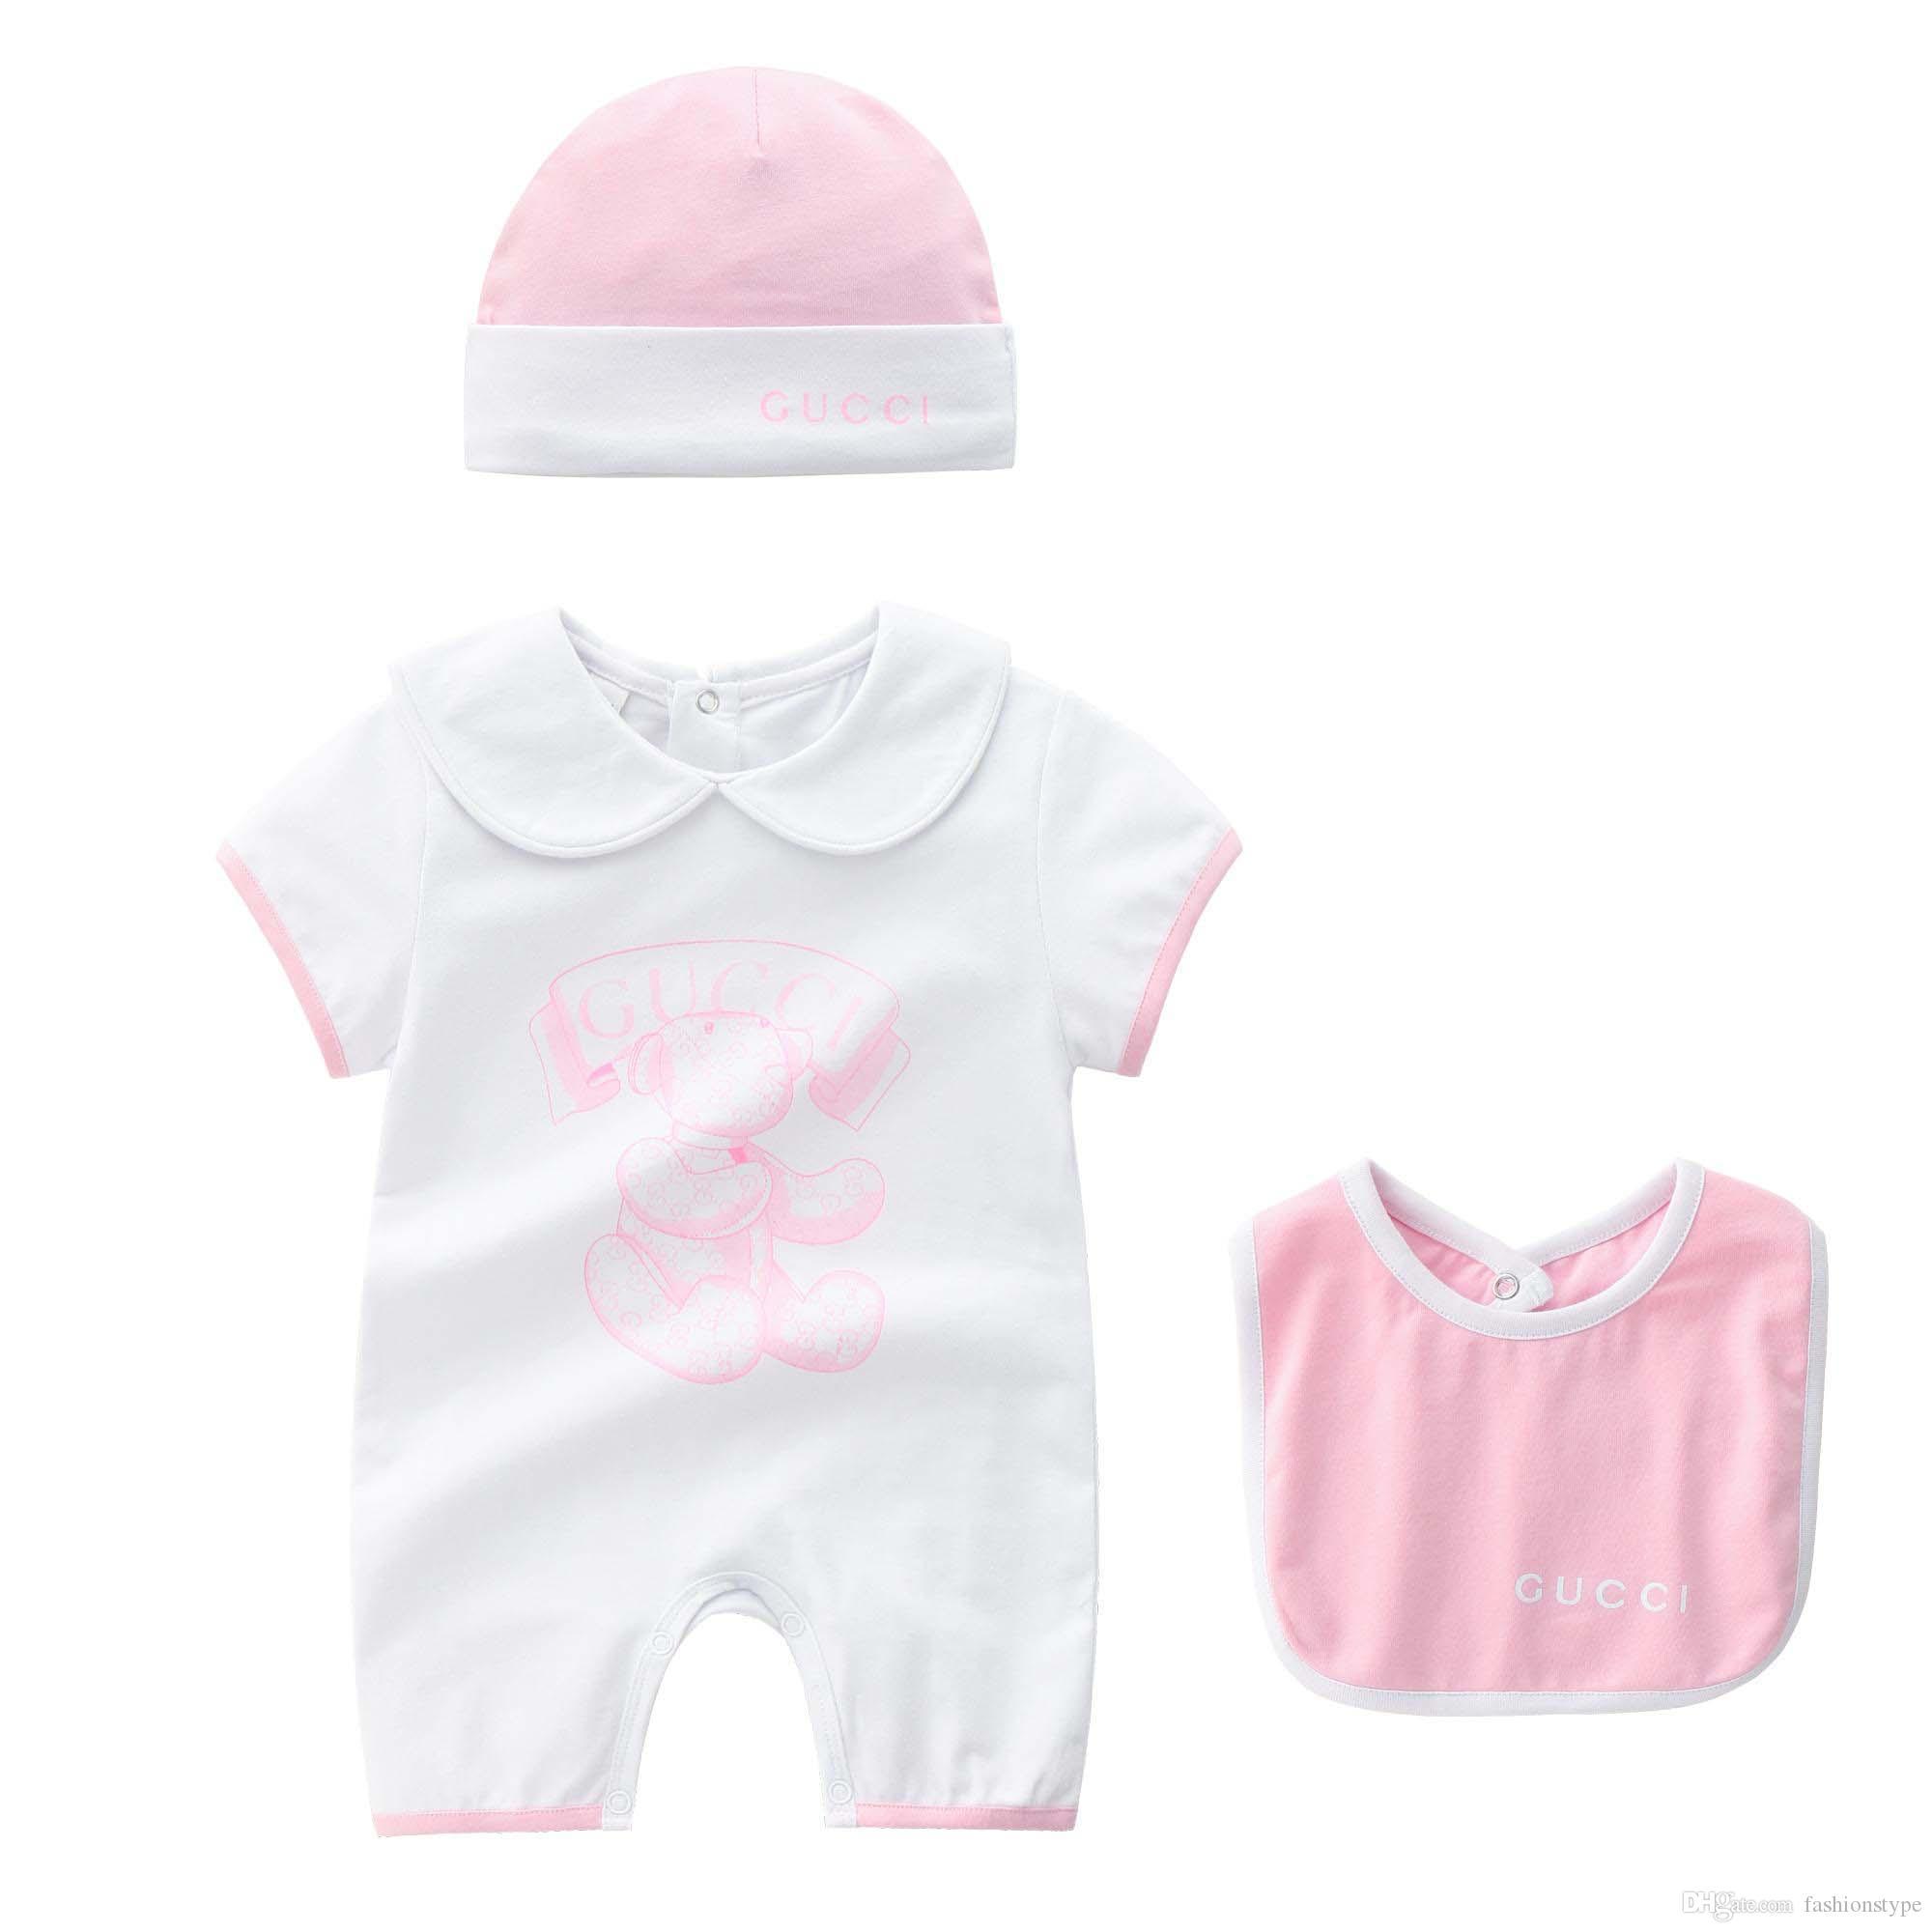 2019 Новые детские ползунки для новорожденных Infant Baby Boy девушка Летняя одежда Cute Cartoon Printed Romper Комбинезон Восхождение Одежда